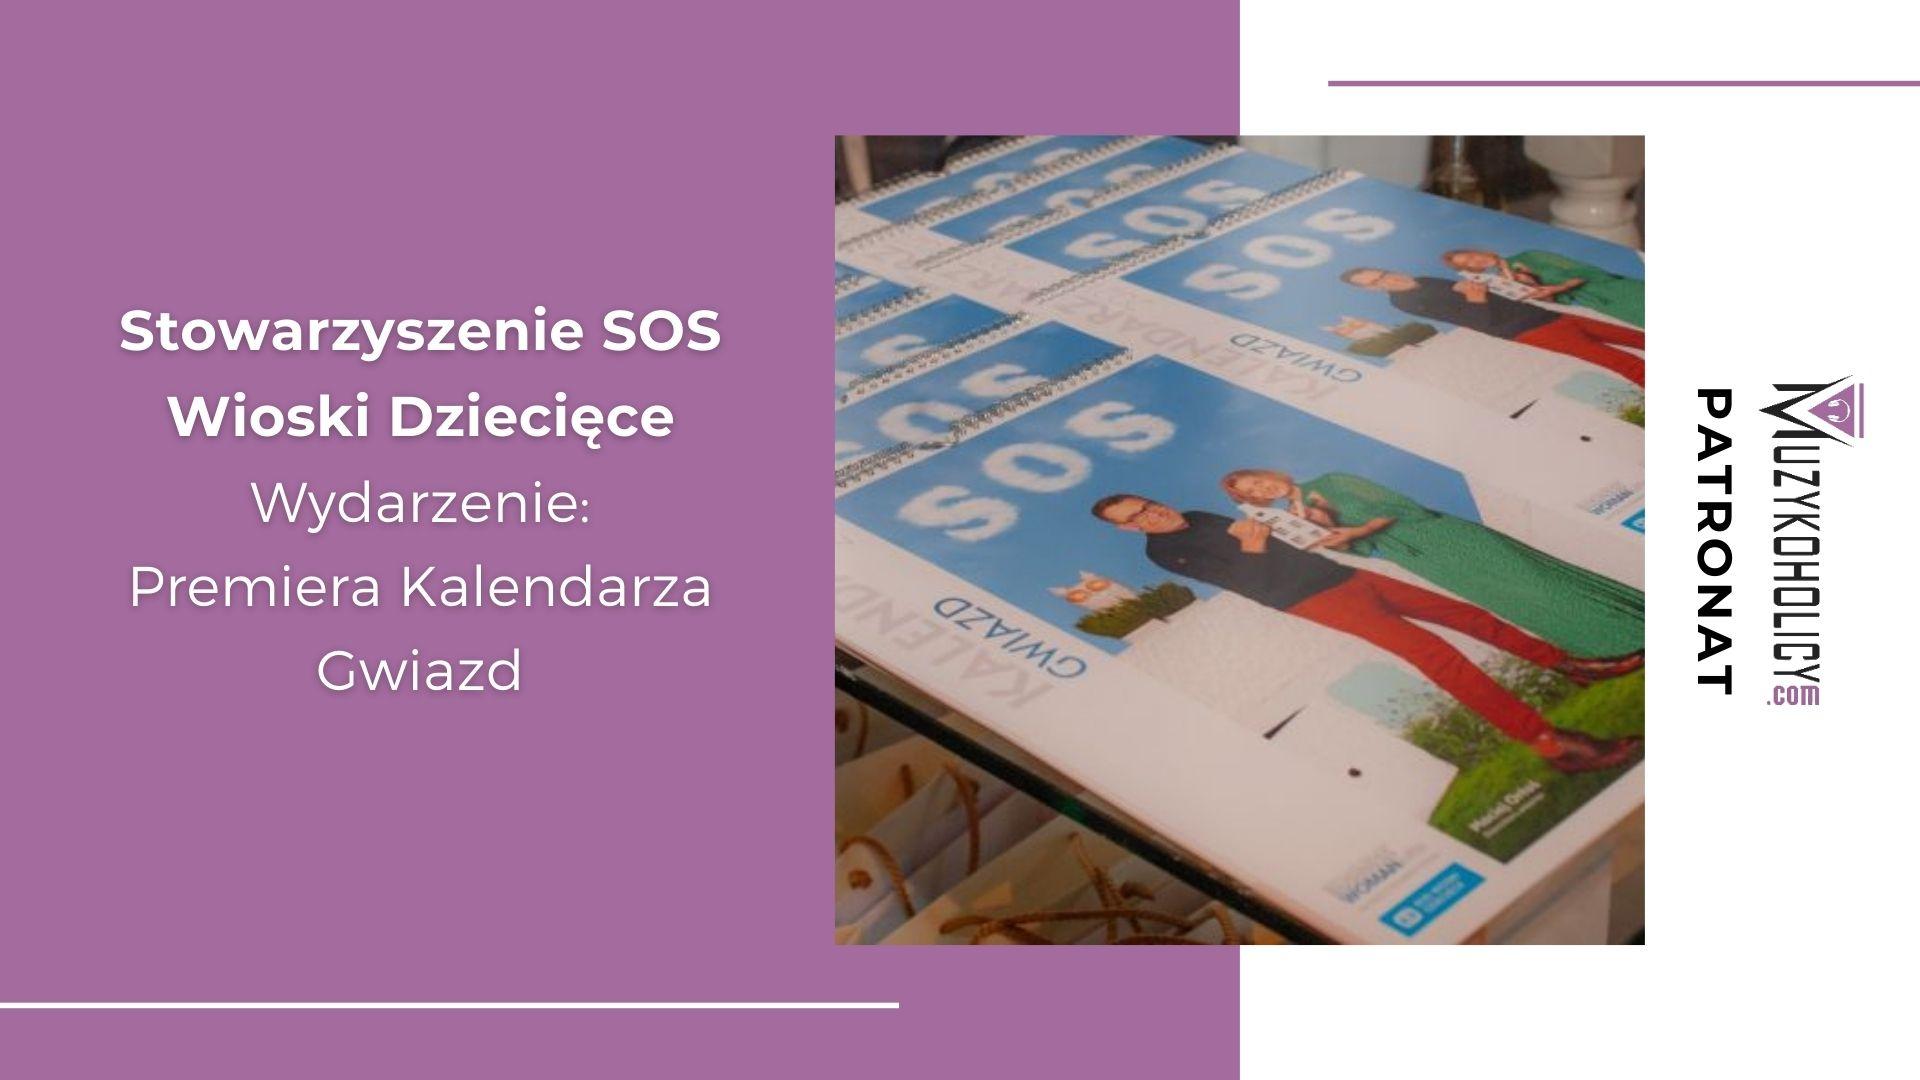 Premiera Kalendarza Gwiazd Stowarzyszenia SOS Wioski Dziecięce